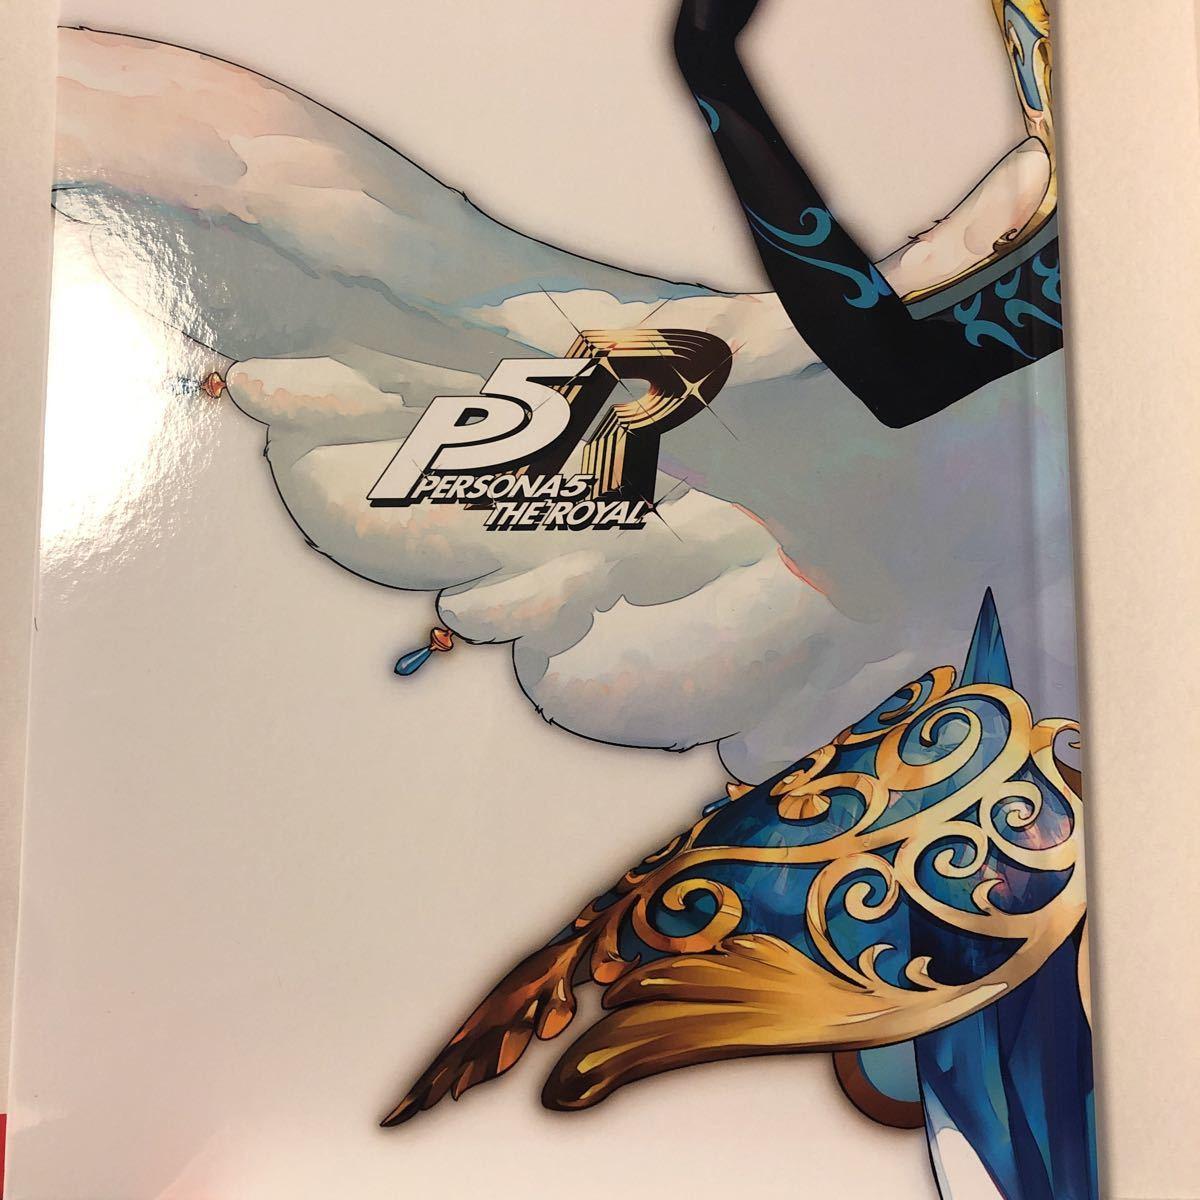 設定資料集 のみ PS4 ペルソナ5 ザ・ロイヤル ストレート アートブック